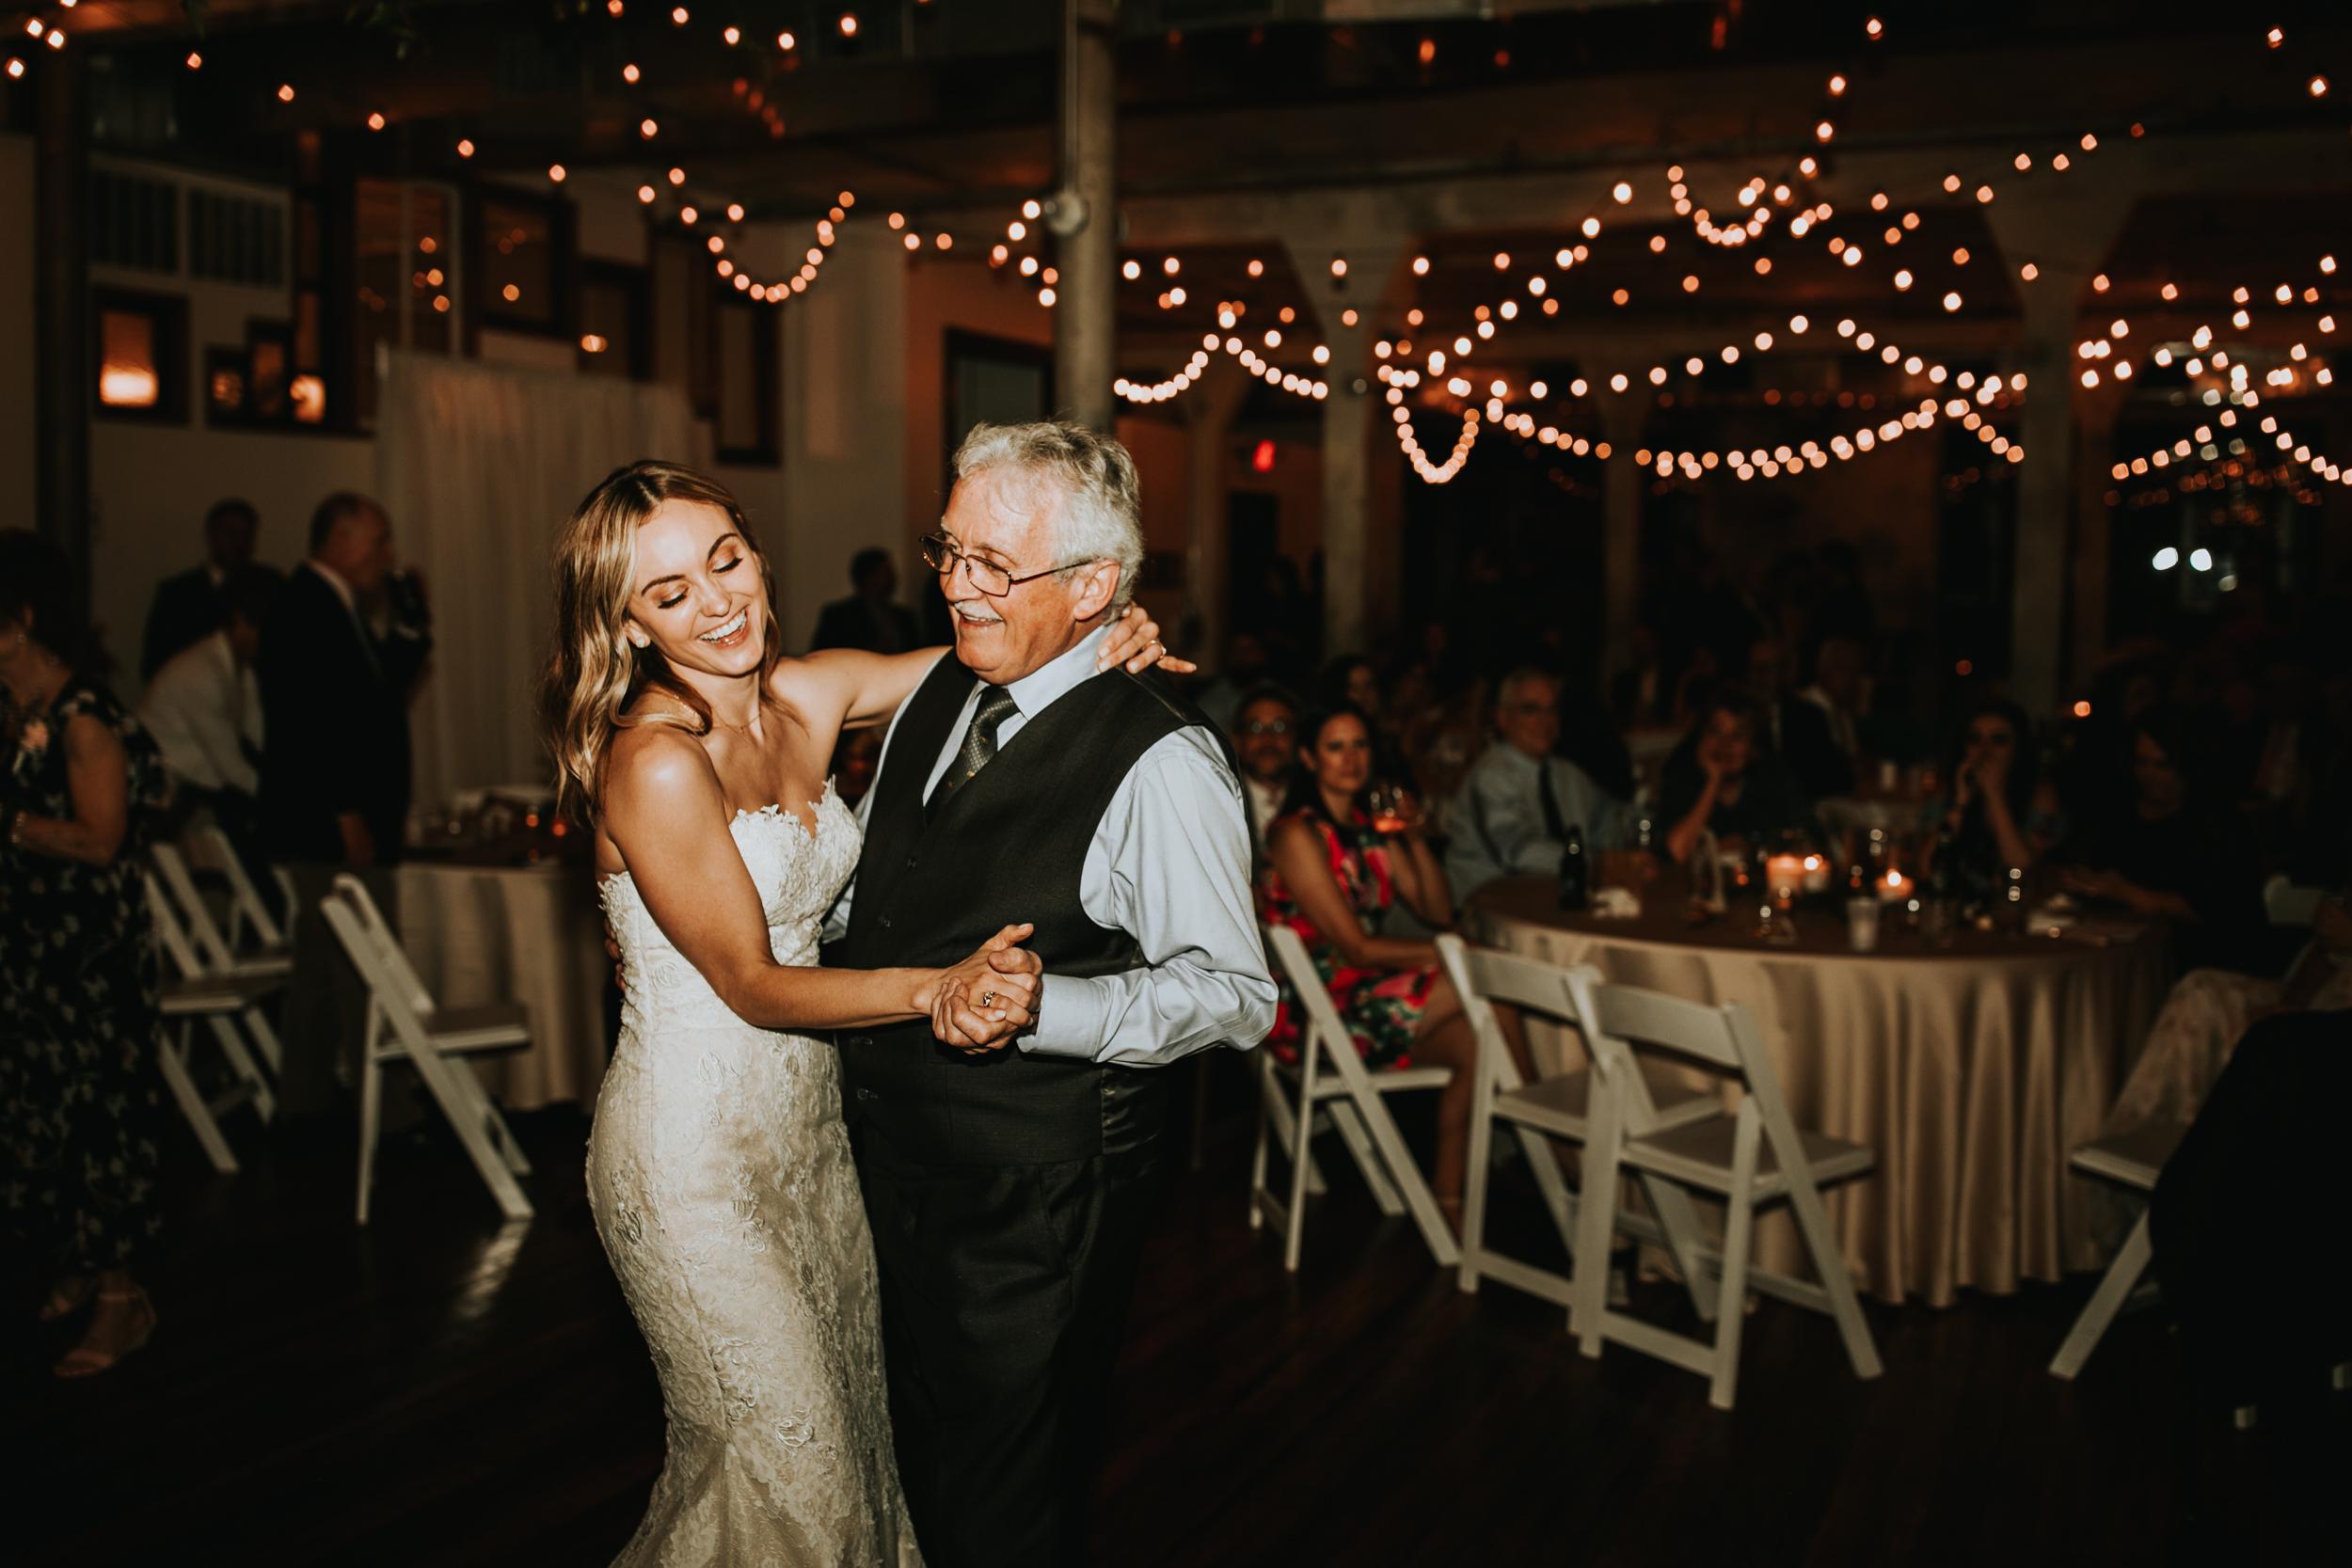 Britt and Scott Wedding Reception at The Bauer in Kansas City-183.jpg